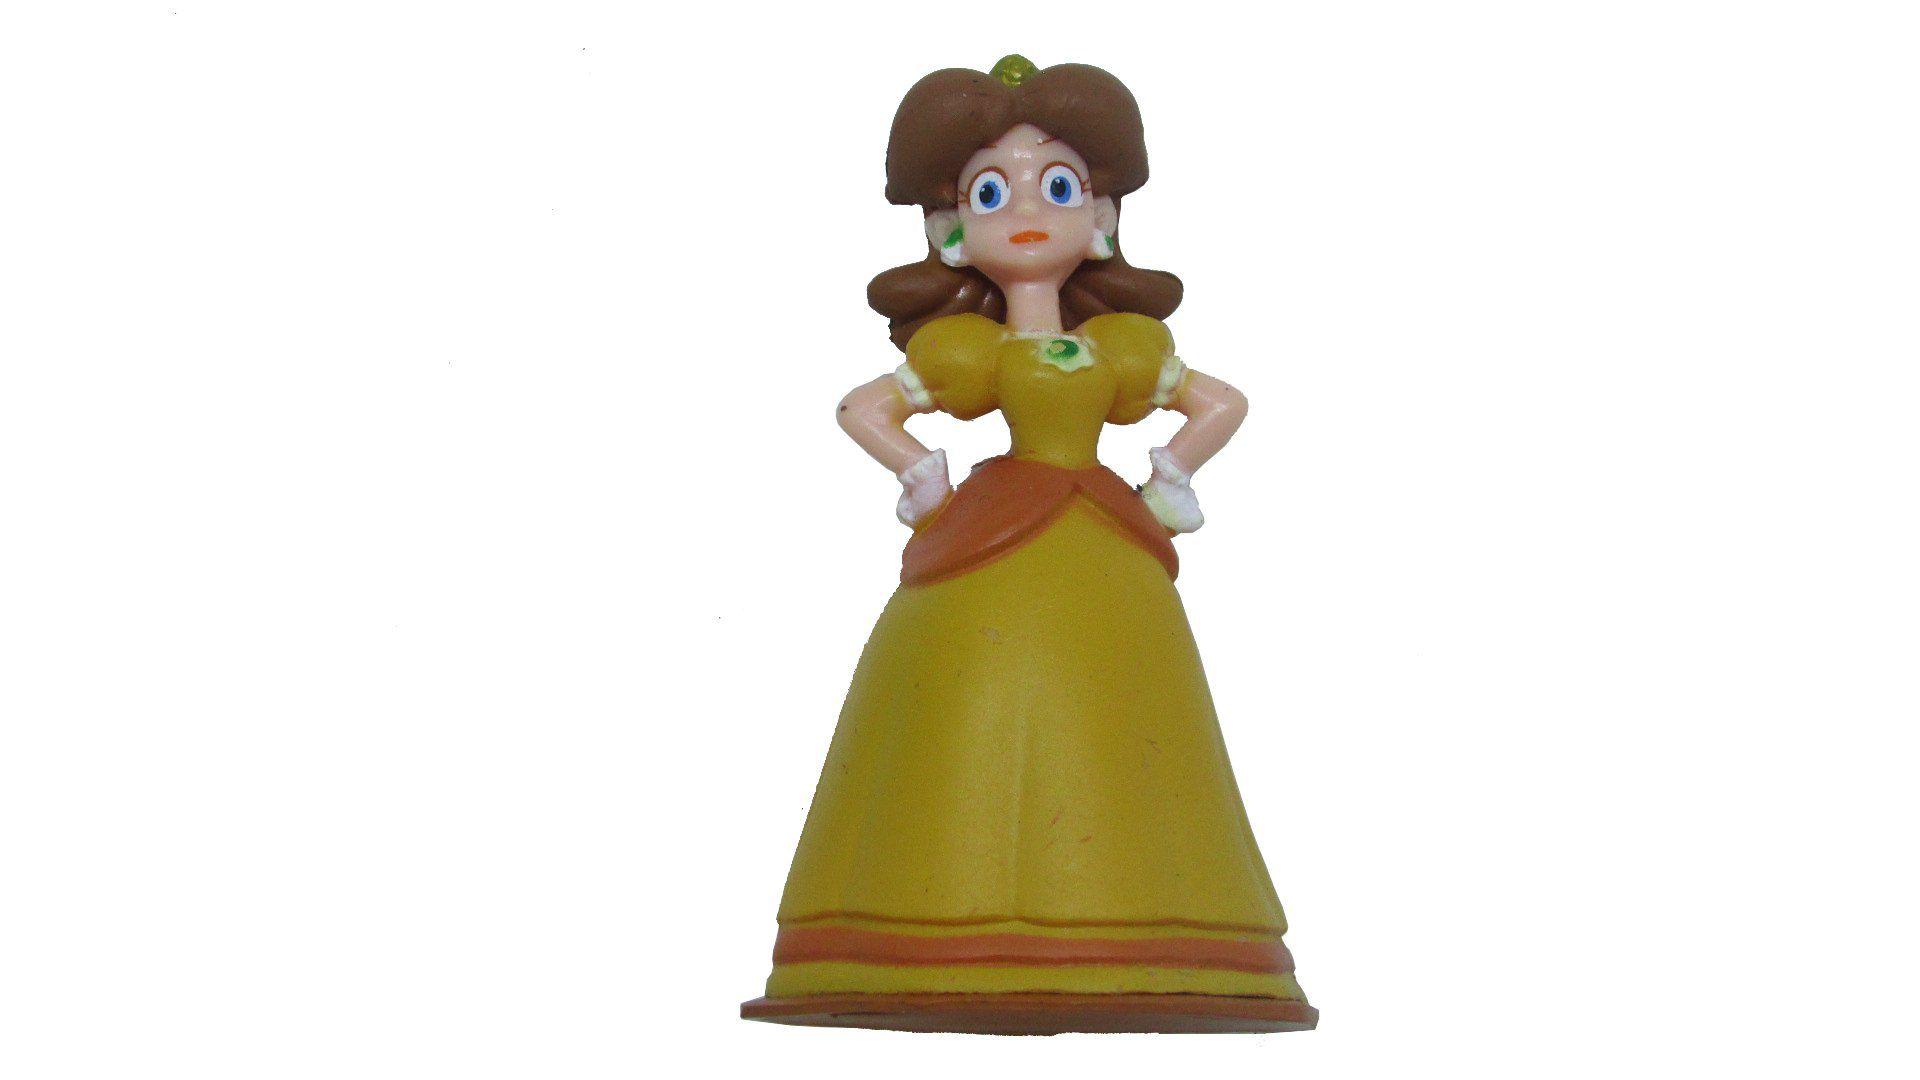 Boneco Colecionável Super Mario - Princesa Daisy - 7CM